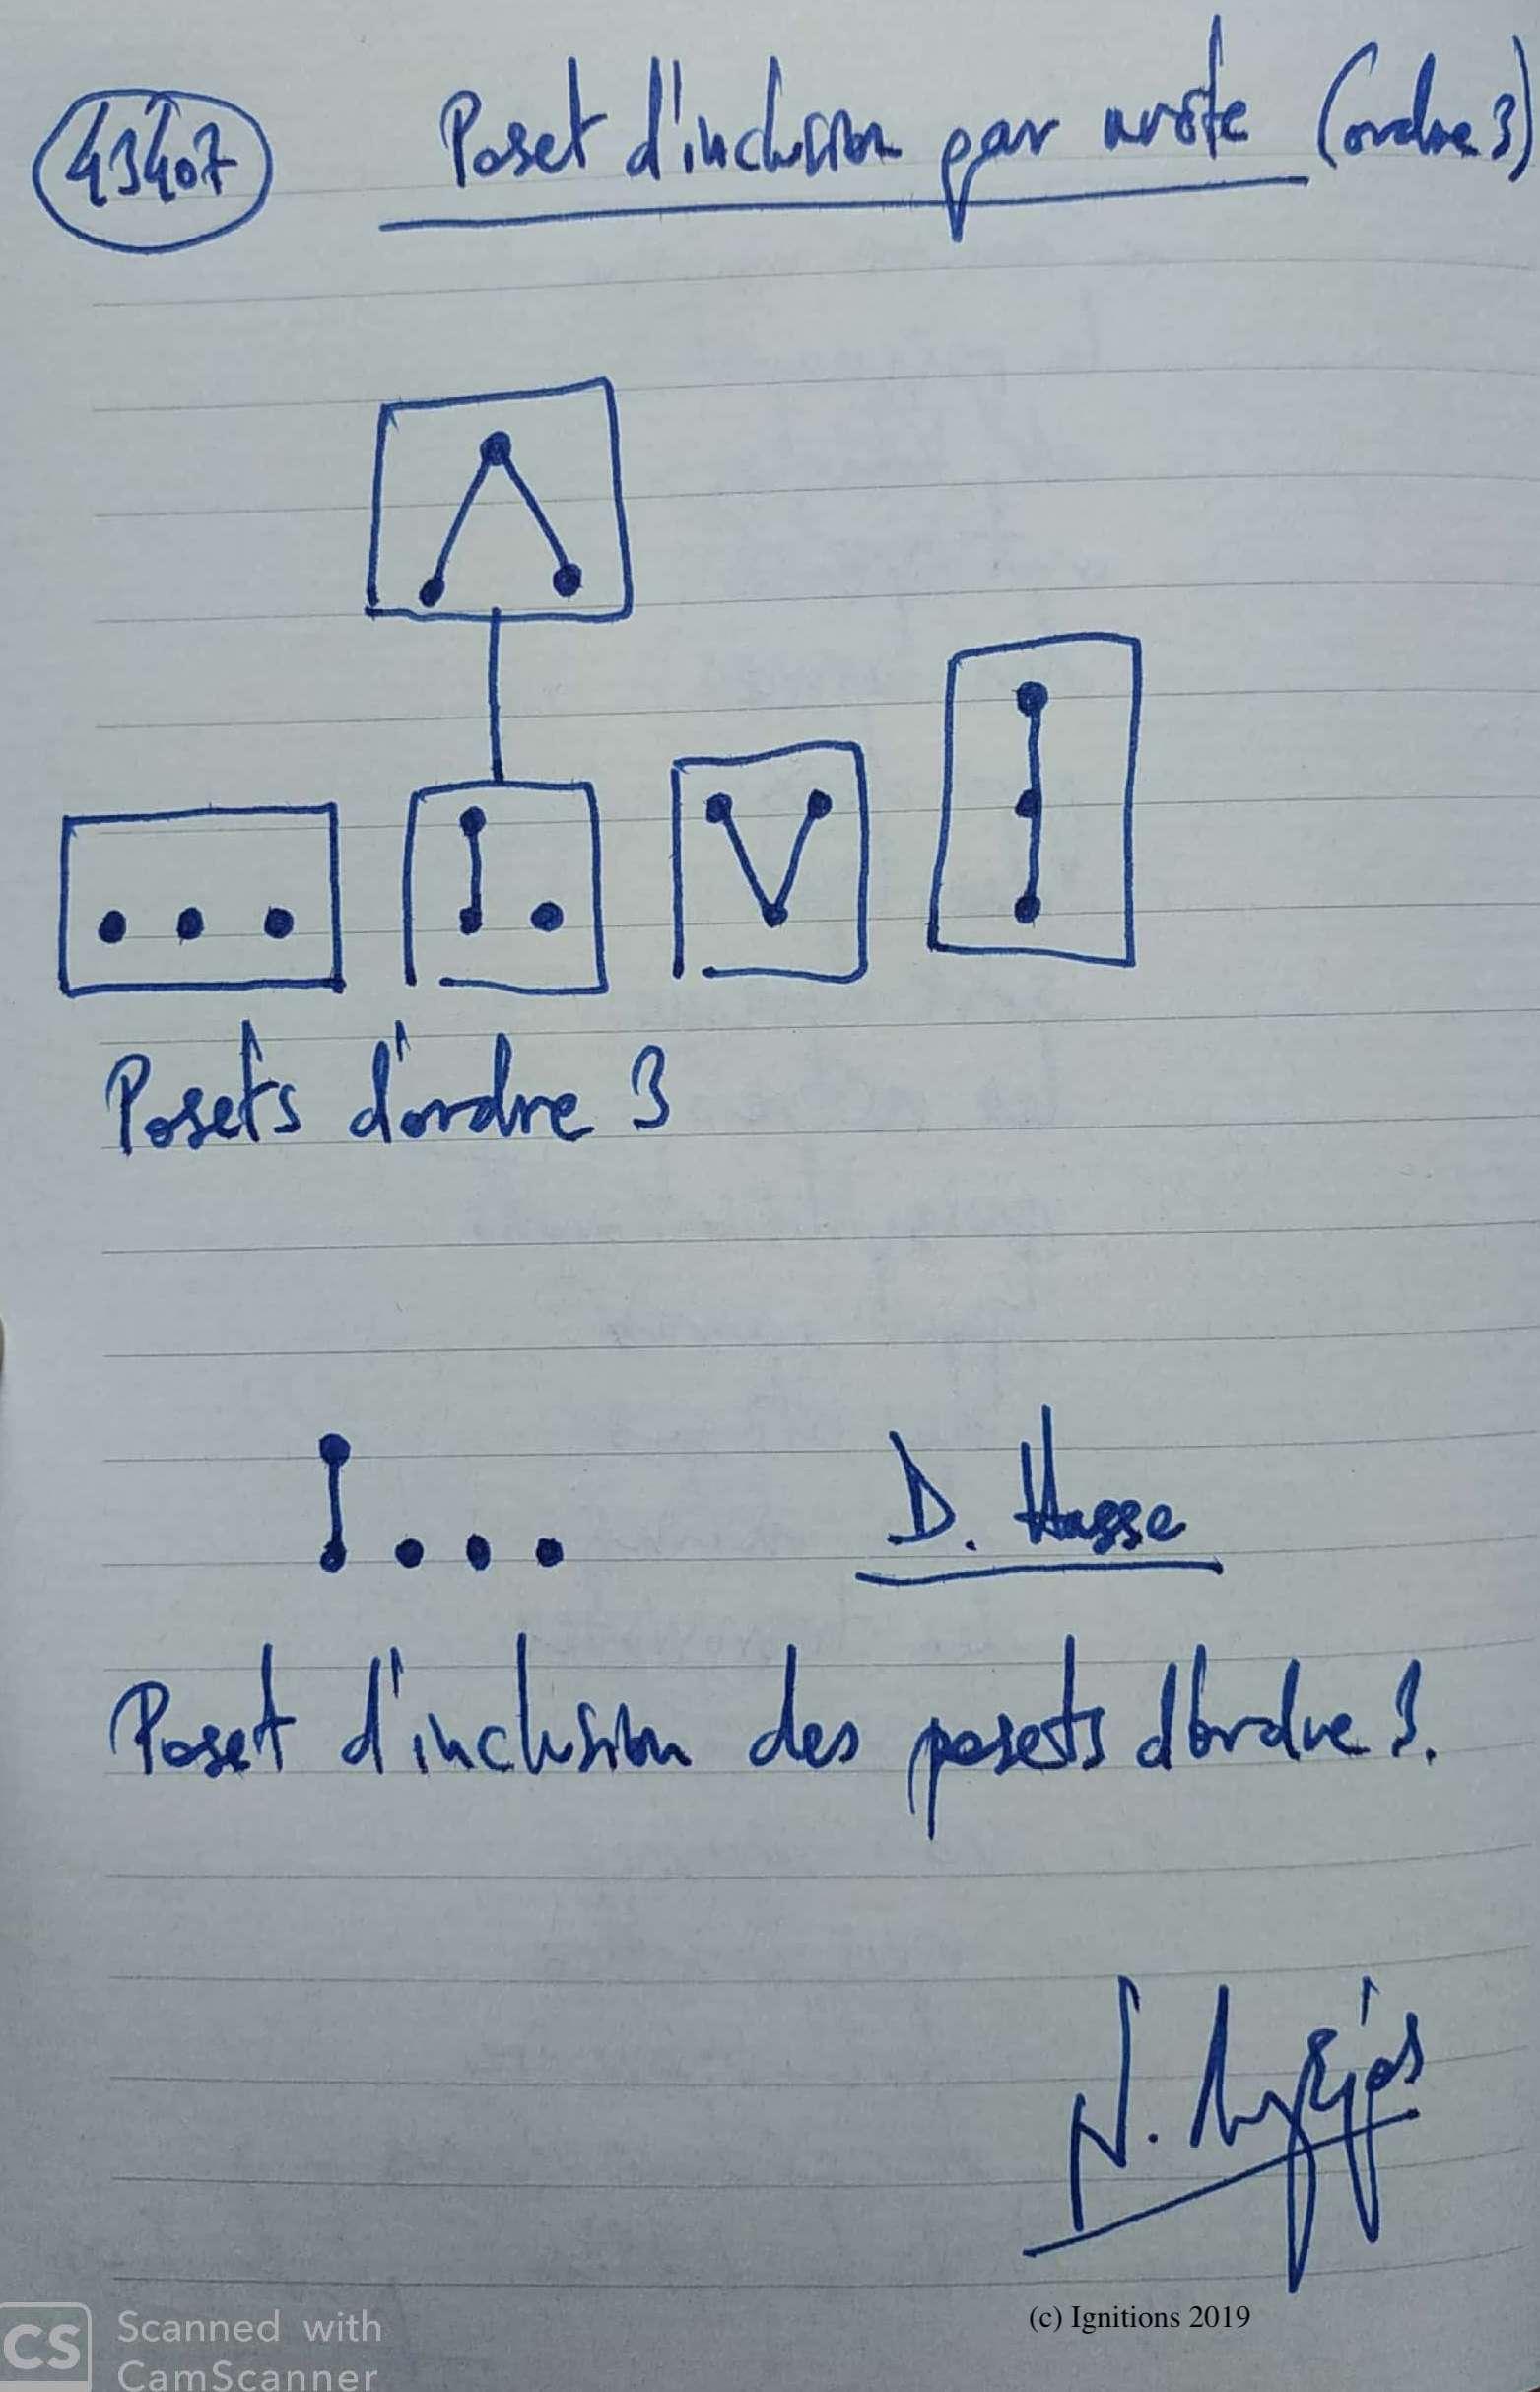 Poset d'inclusion par arête (ordre 3). (Dessin)